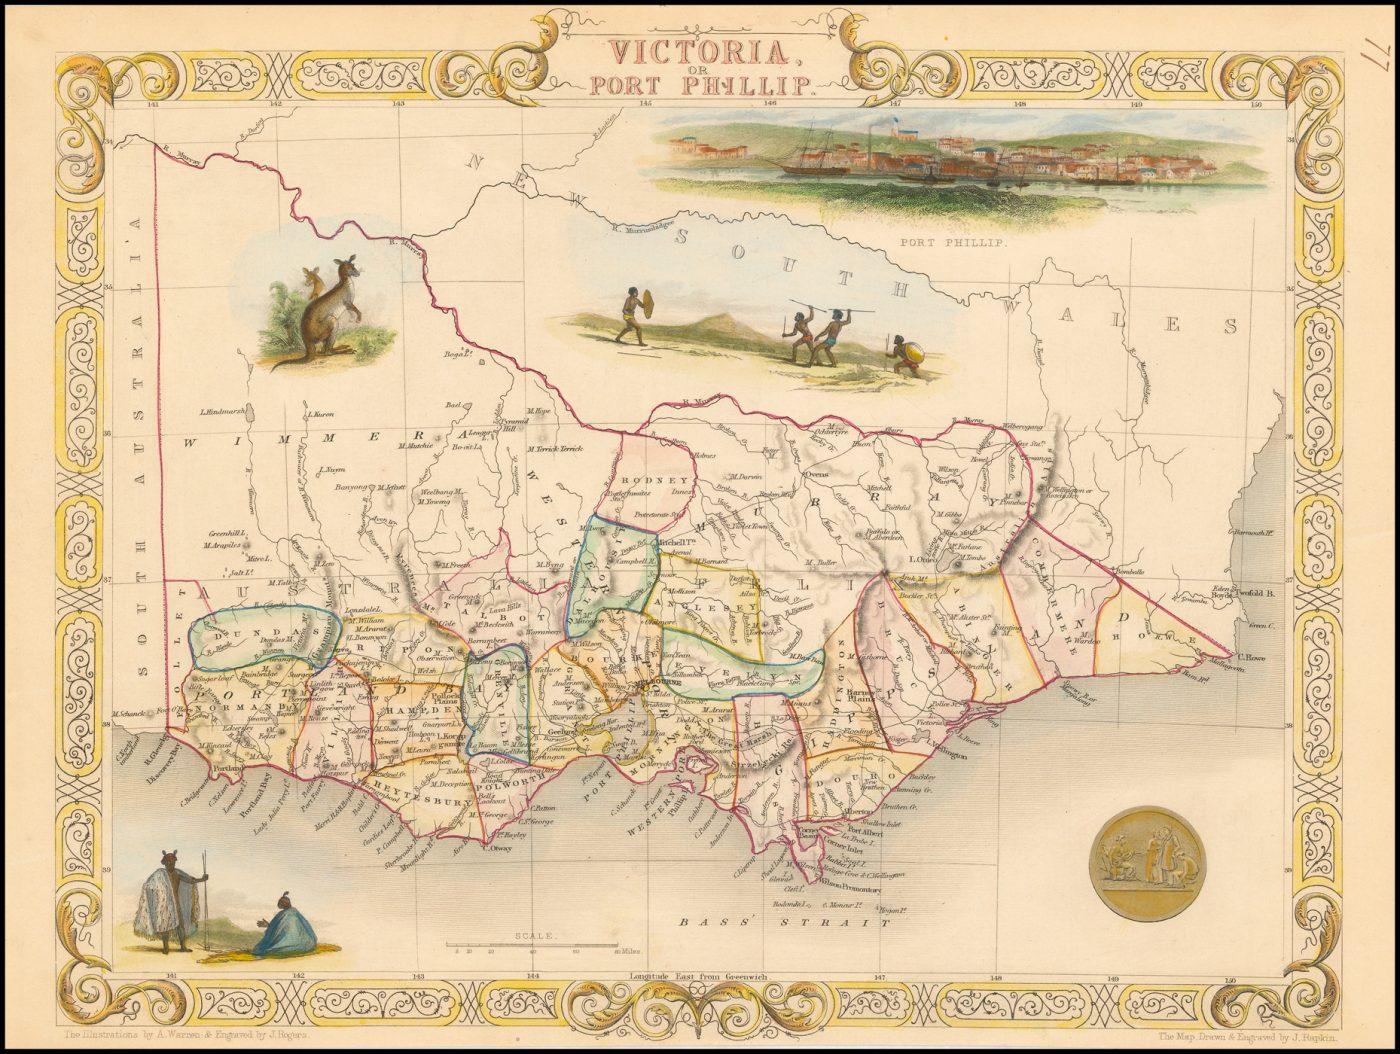 Старинная карта Австралии с изображением Виктории или Порт-Филипа, составленная Таллисом в 1851 году